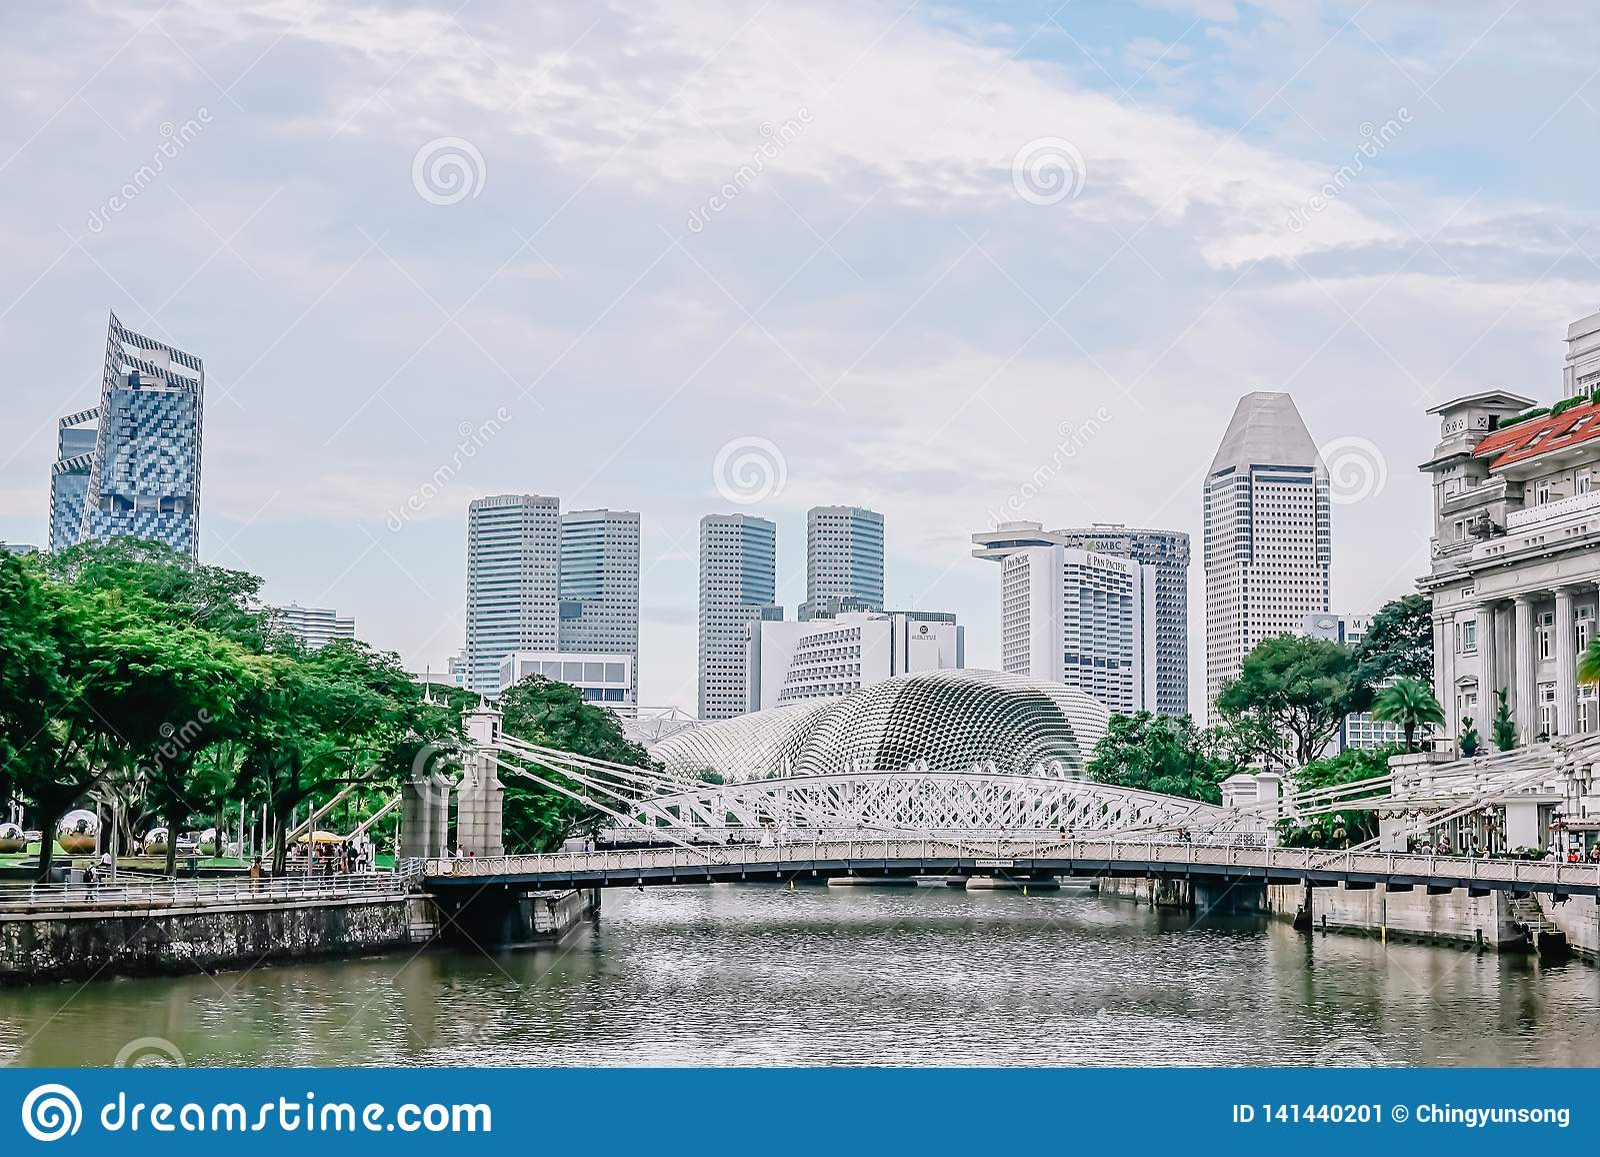 Η γέφυρα Cavenagh που εκτείνεται το χαμηλότερο φθάνει του ποταμού της Σιγκαπούρης στην κεντρική περιοχή της Σιγκαπούρης στις 22 Ν